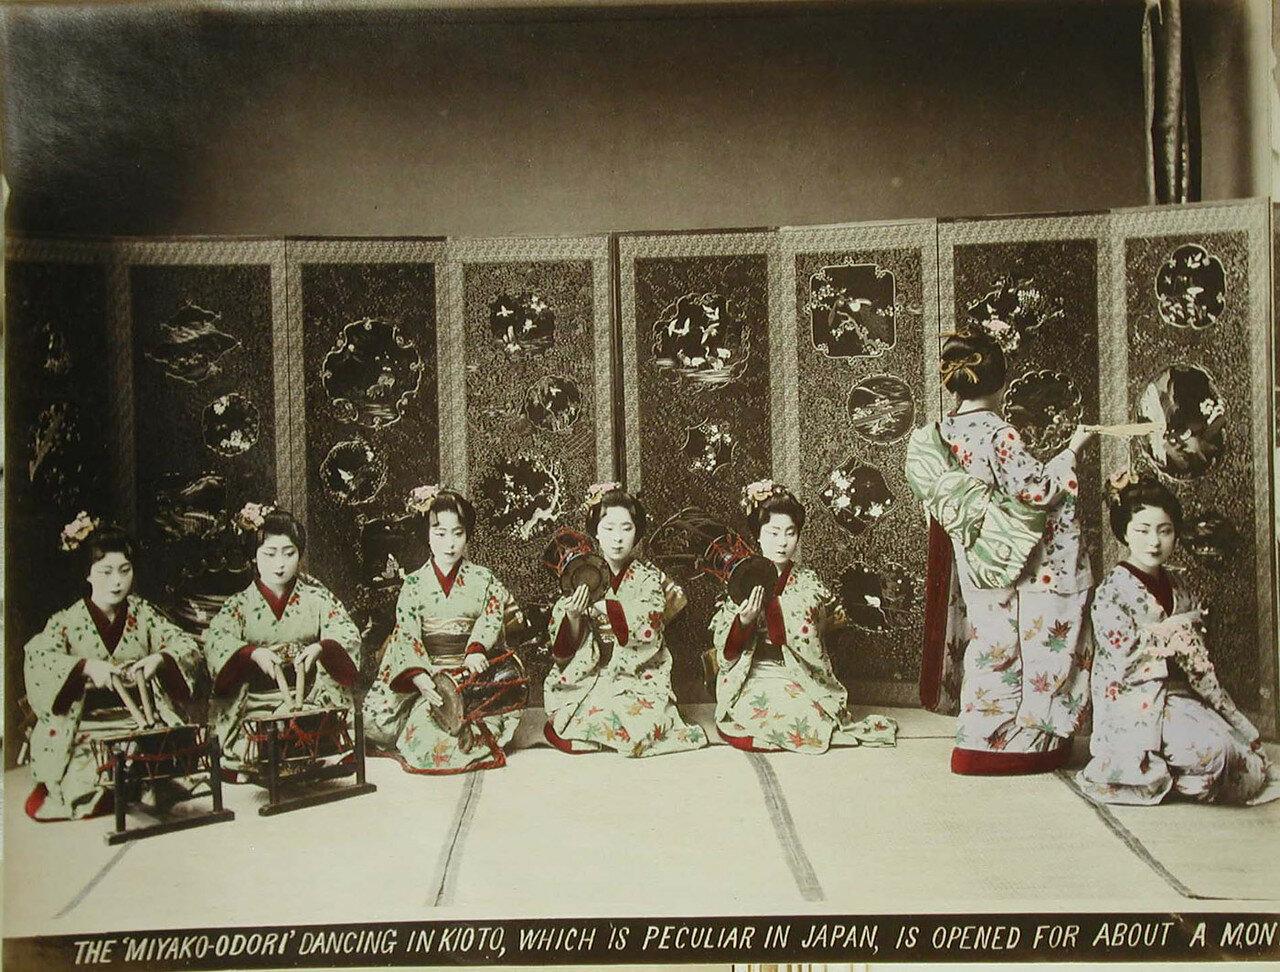 Танцевальный фестиваль гейш в Киото «Мияко одори»